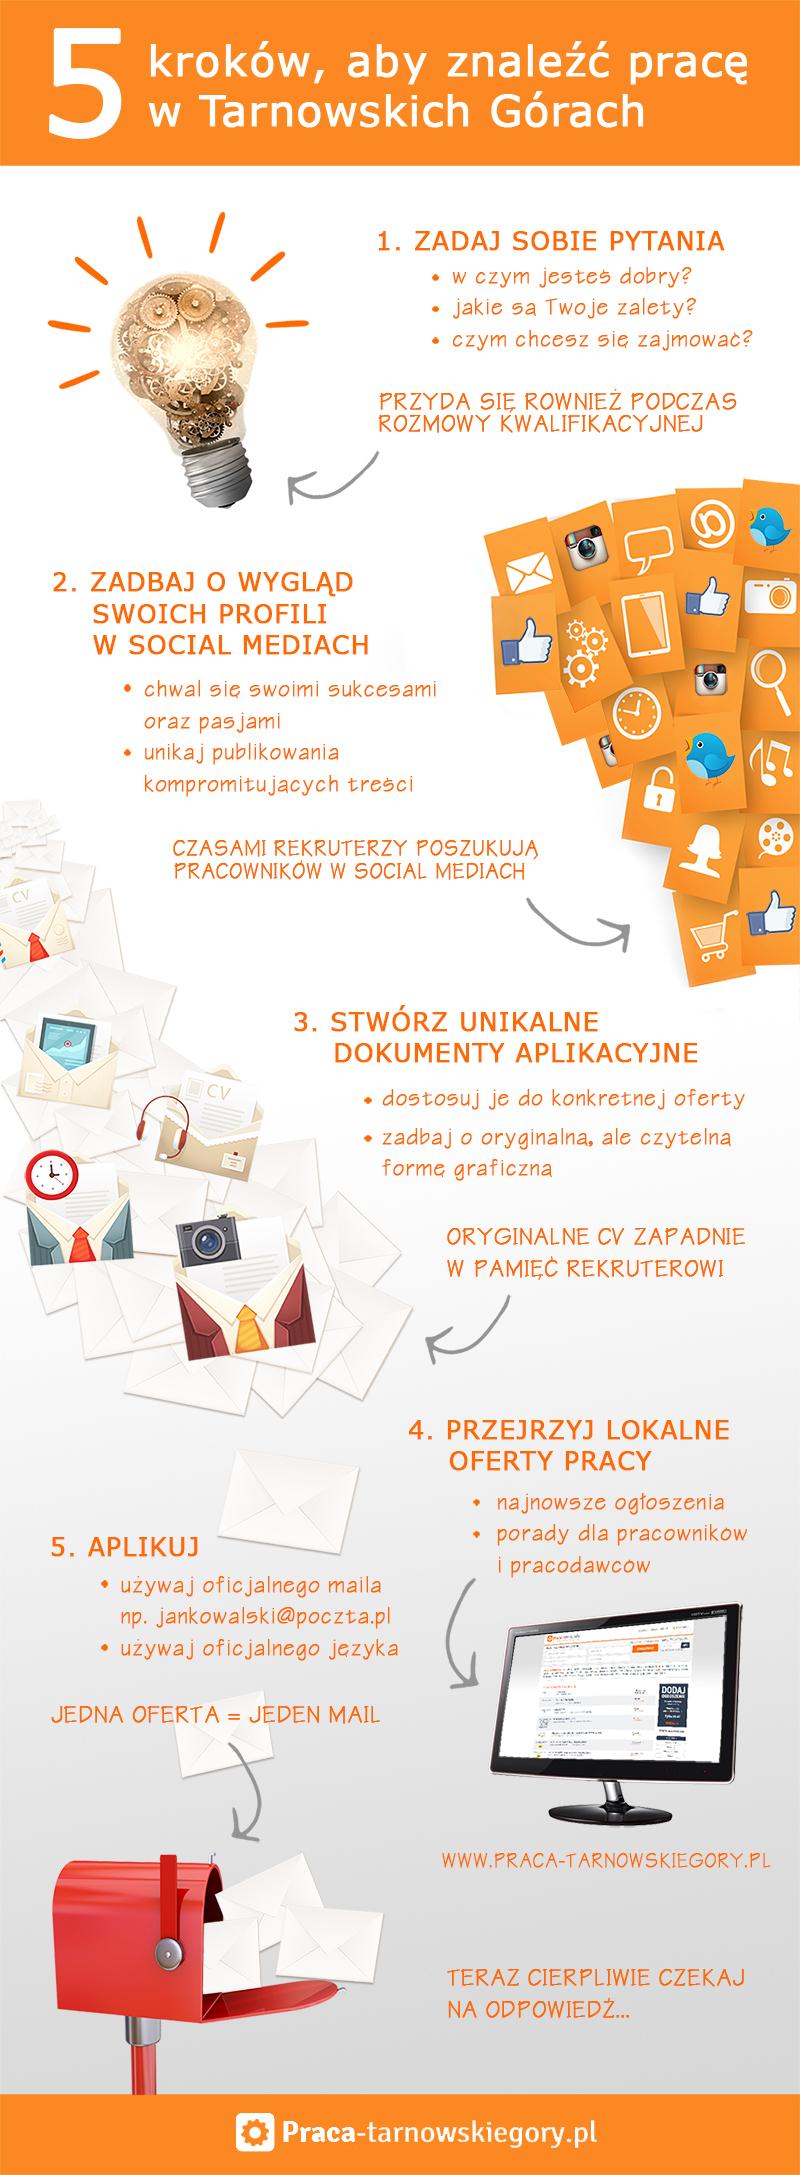 praca-tarnowskiegory-pl-oferty-pracy-tarnowskie-gory